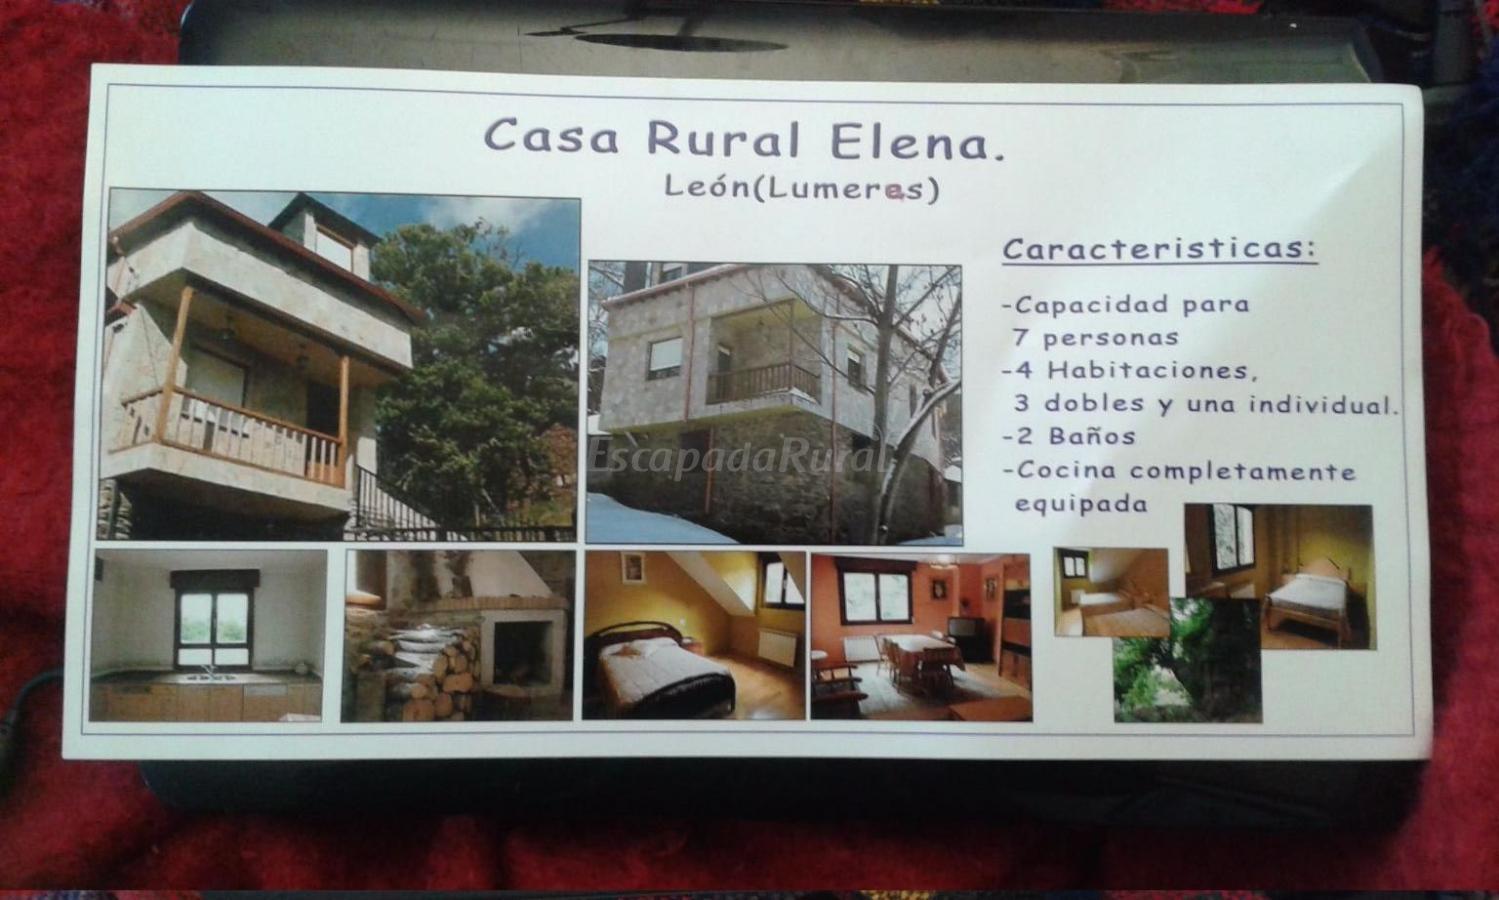 Fotos de casa rural elena casa rural en lumeras le n - Casa rural santa elena ...